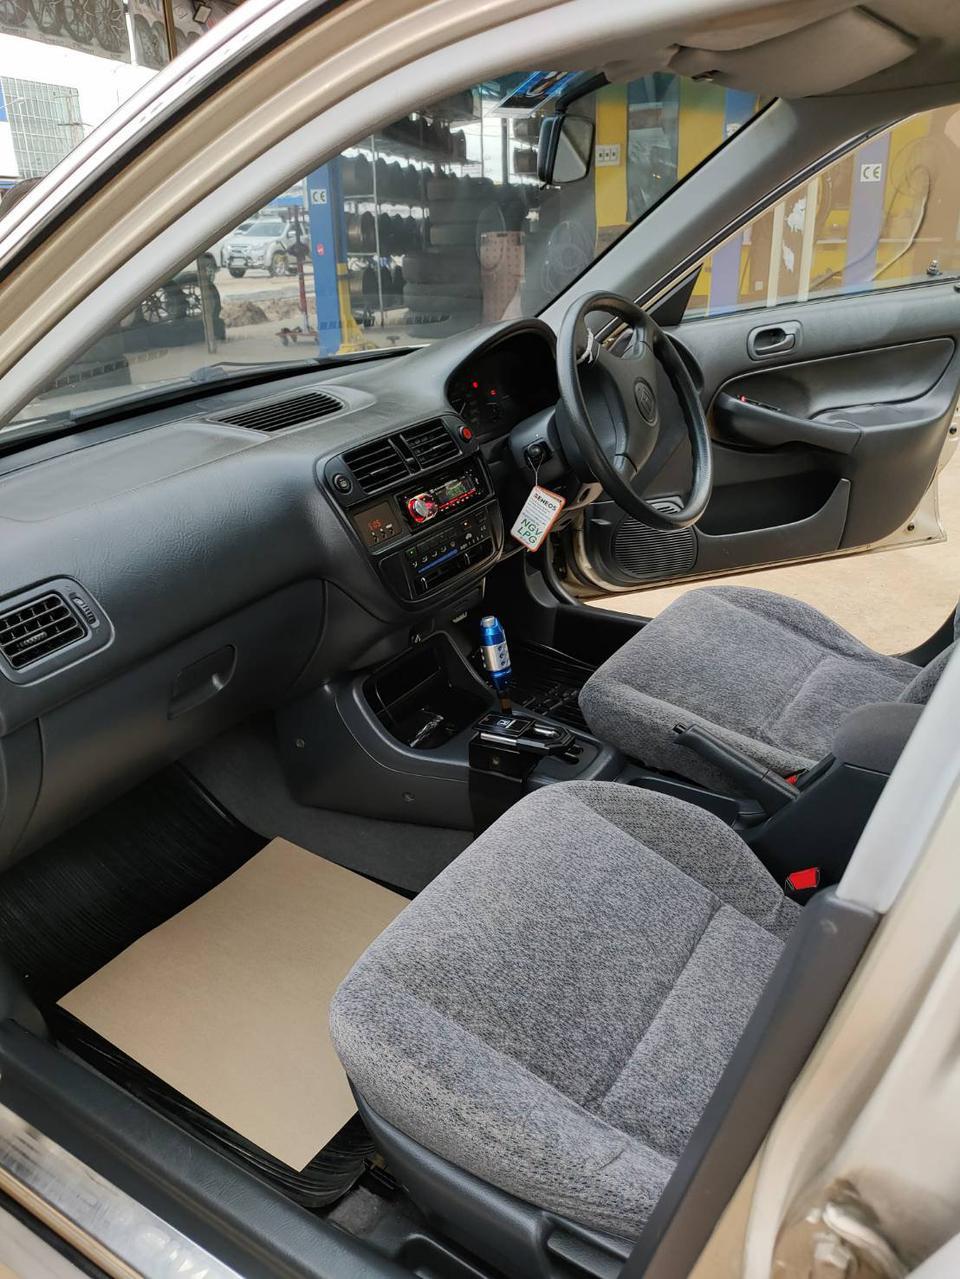 ขายรถเก๋ง Honda civic ตาโตปี 96  จ.พิษณุโลก รูปที่ 4